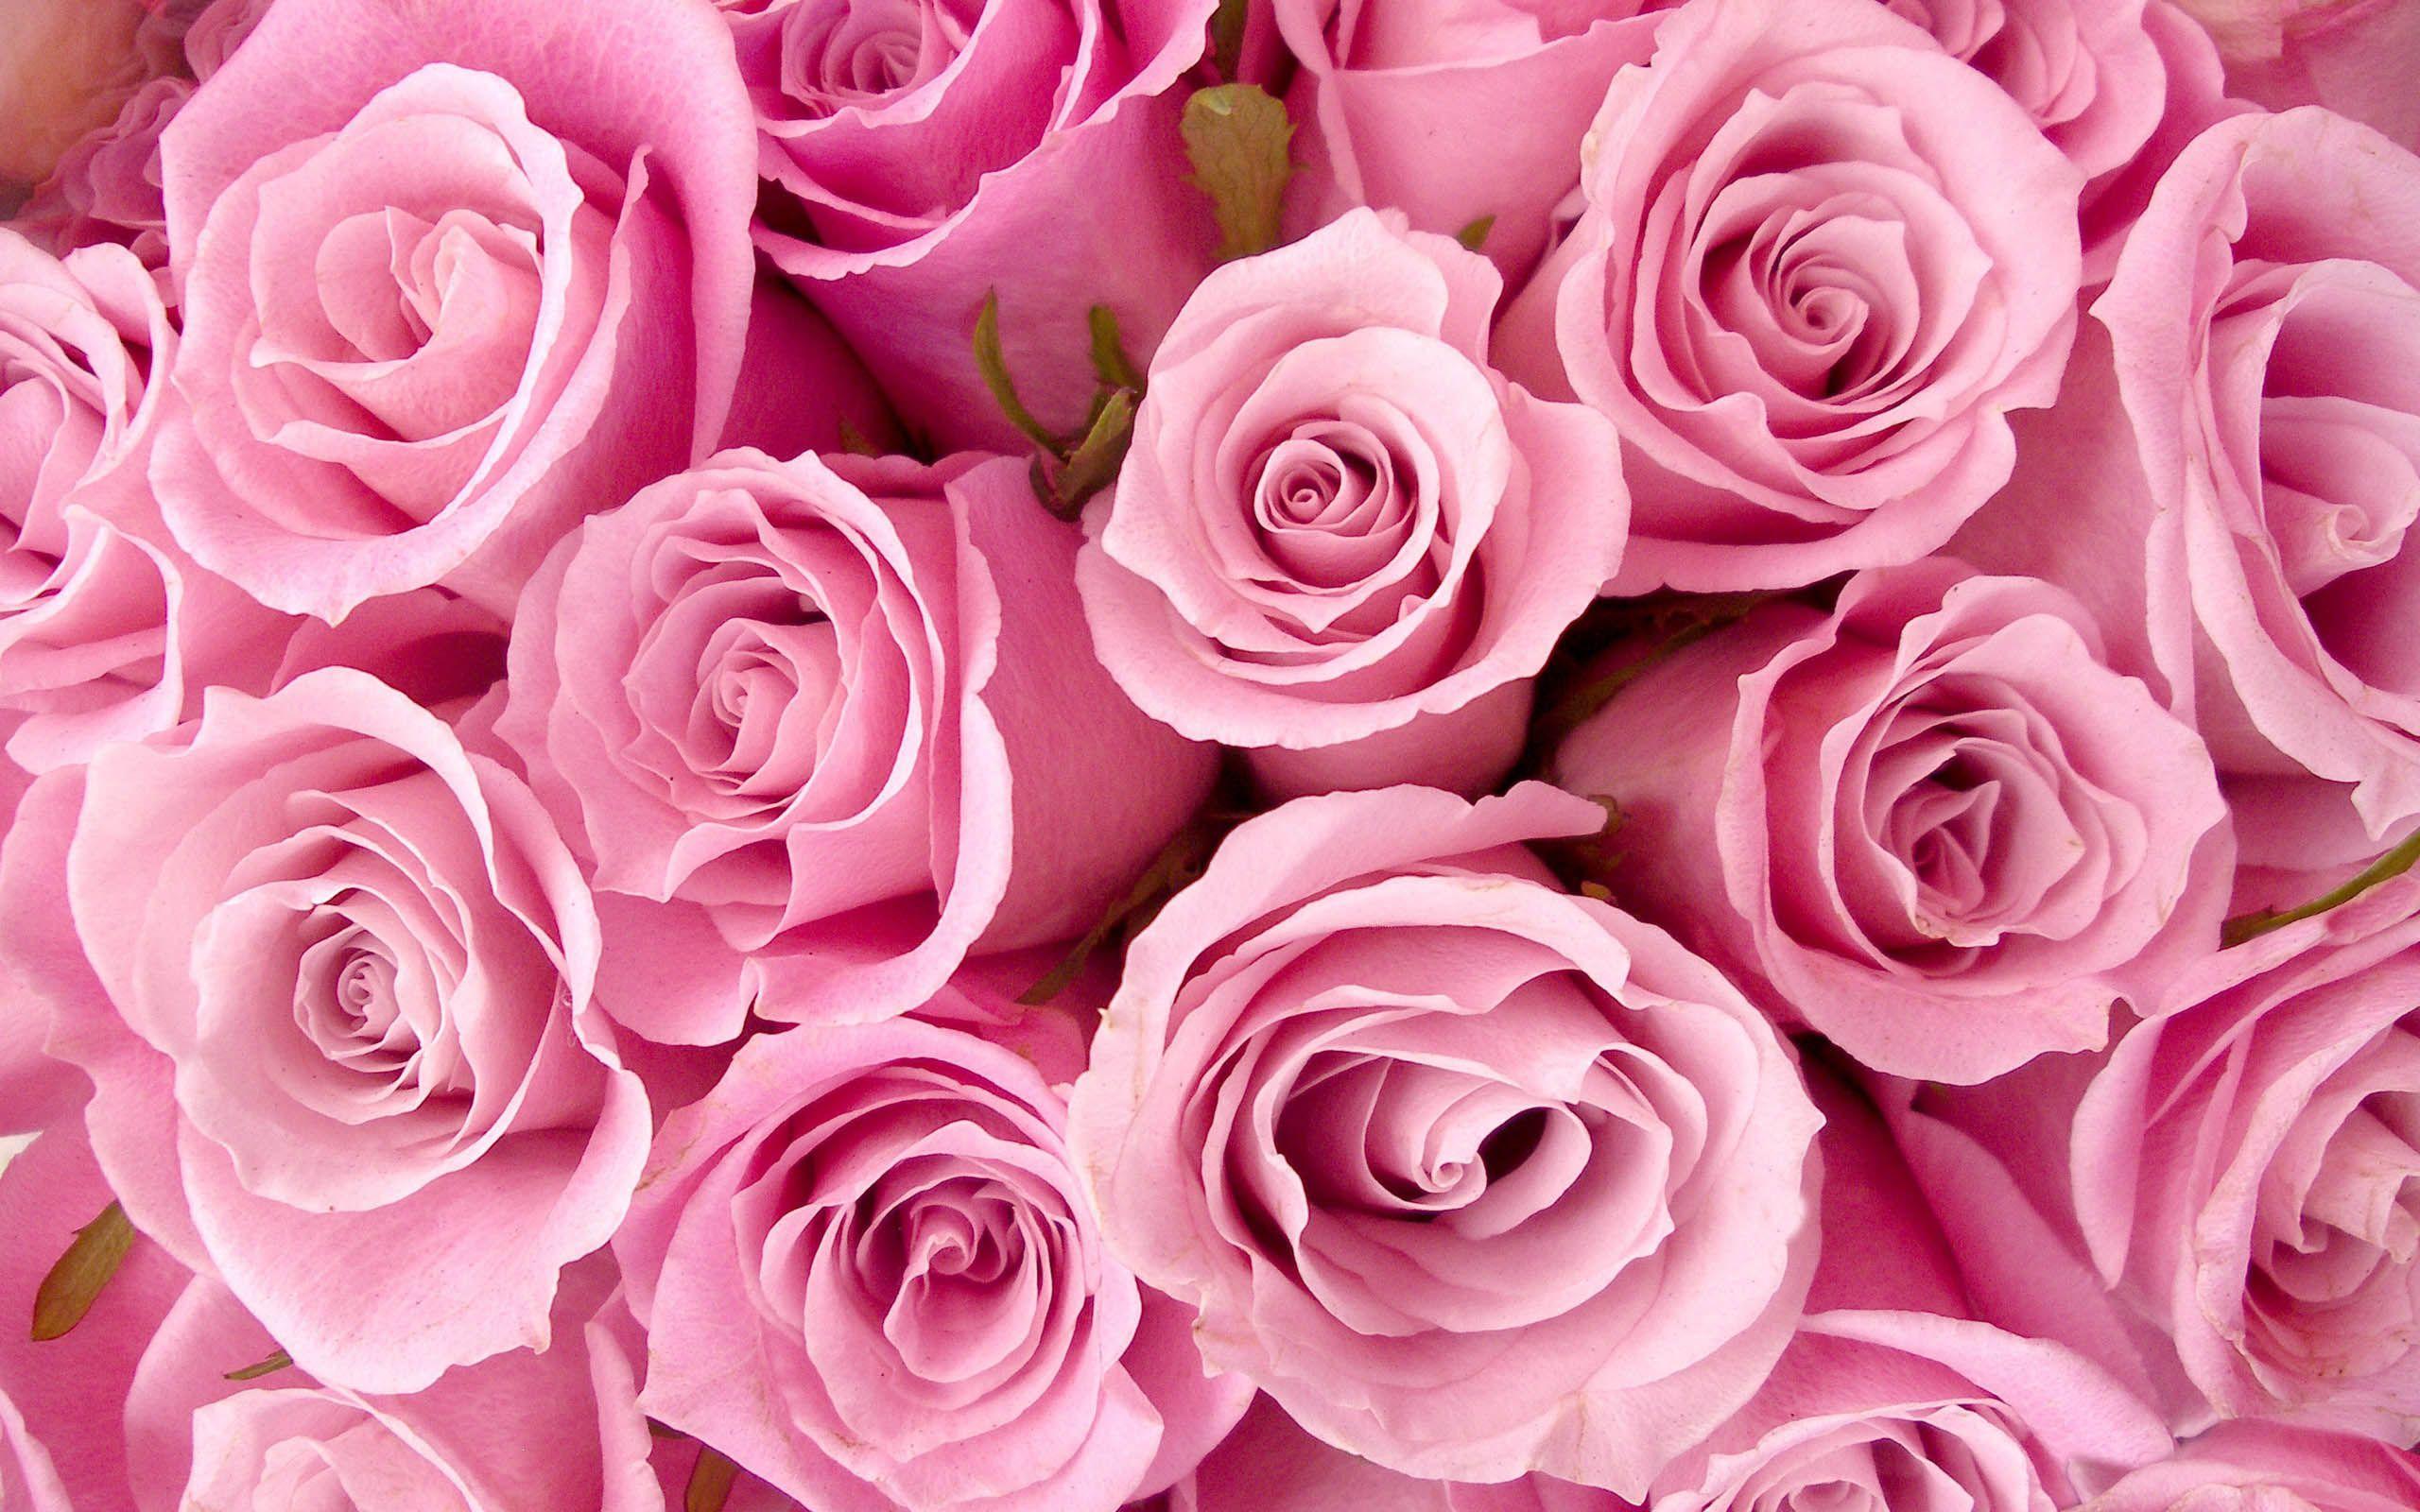 Pink Rose, Flower Wallpapers, Desktop Backgrounds - digital images ...